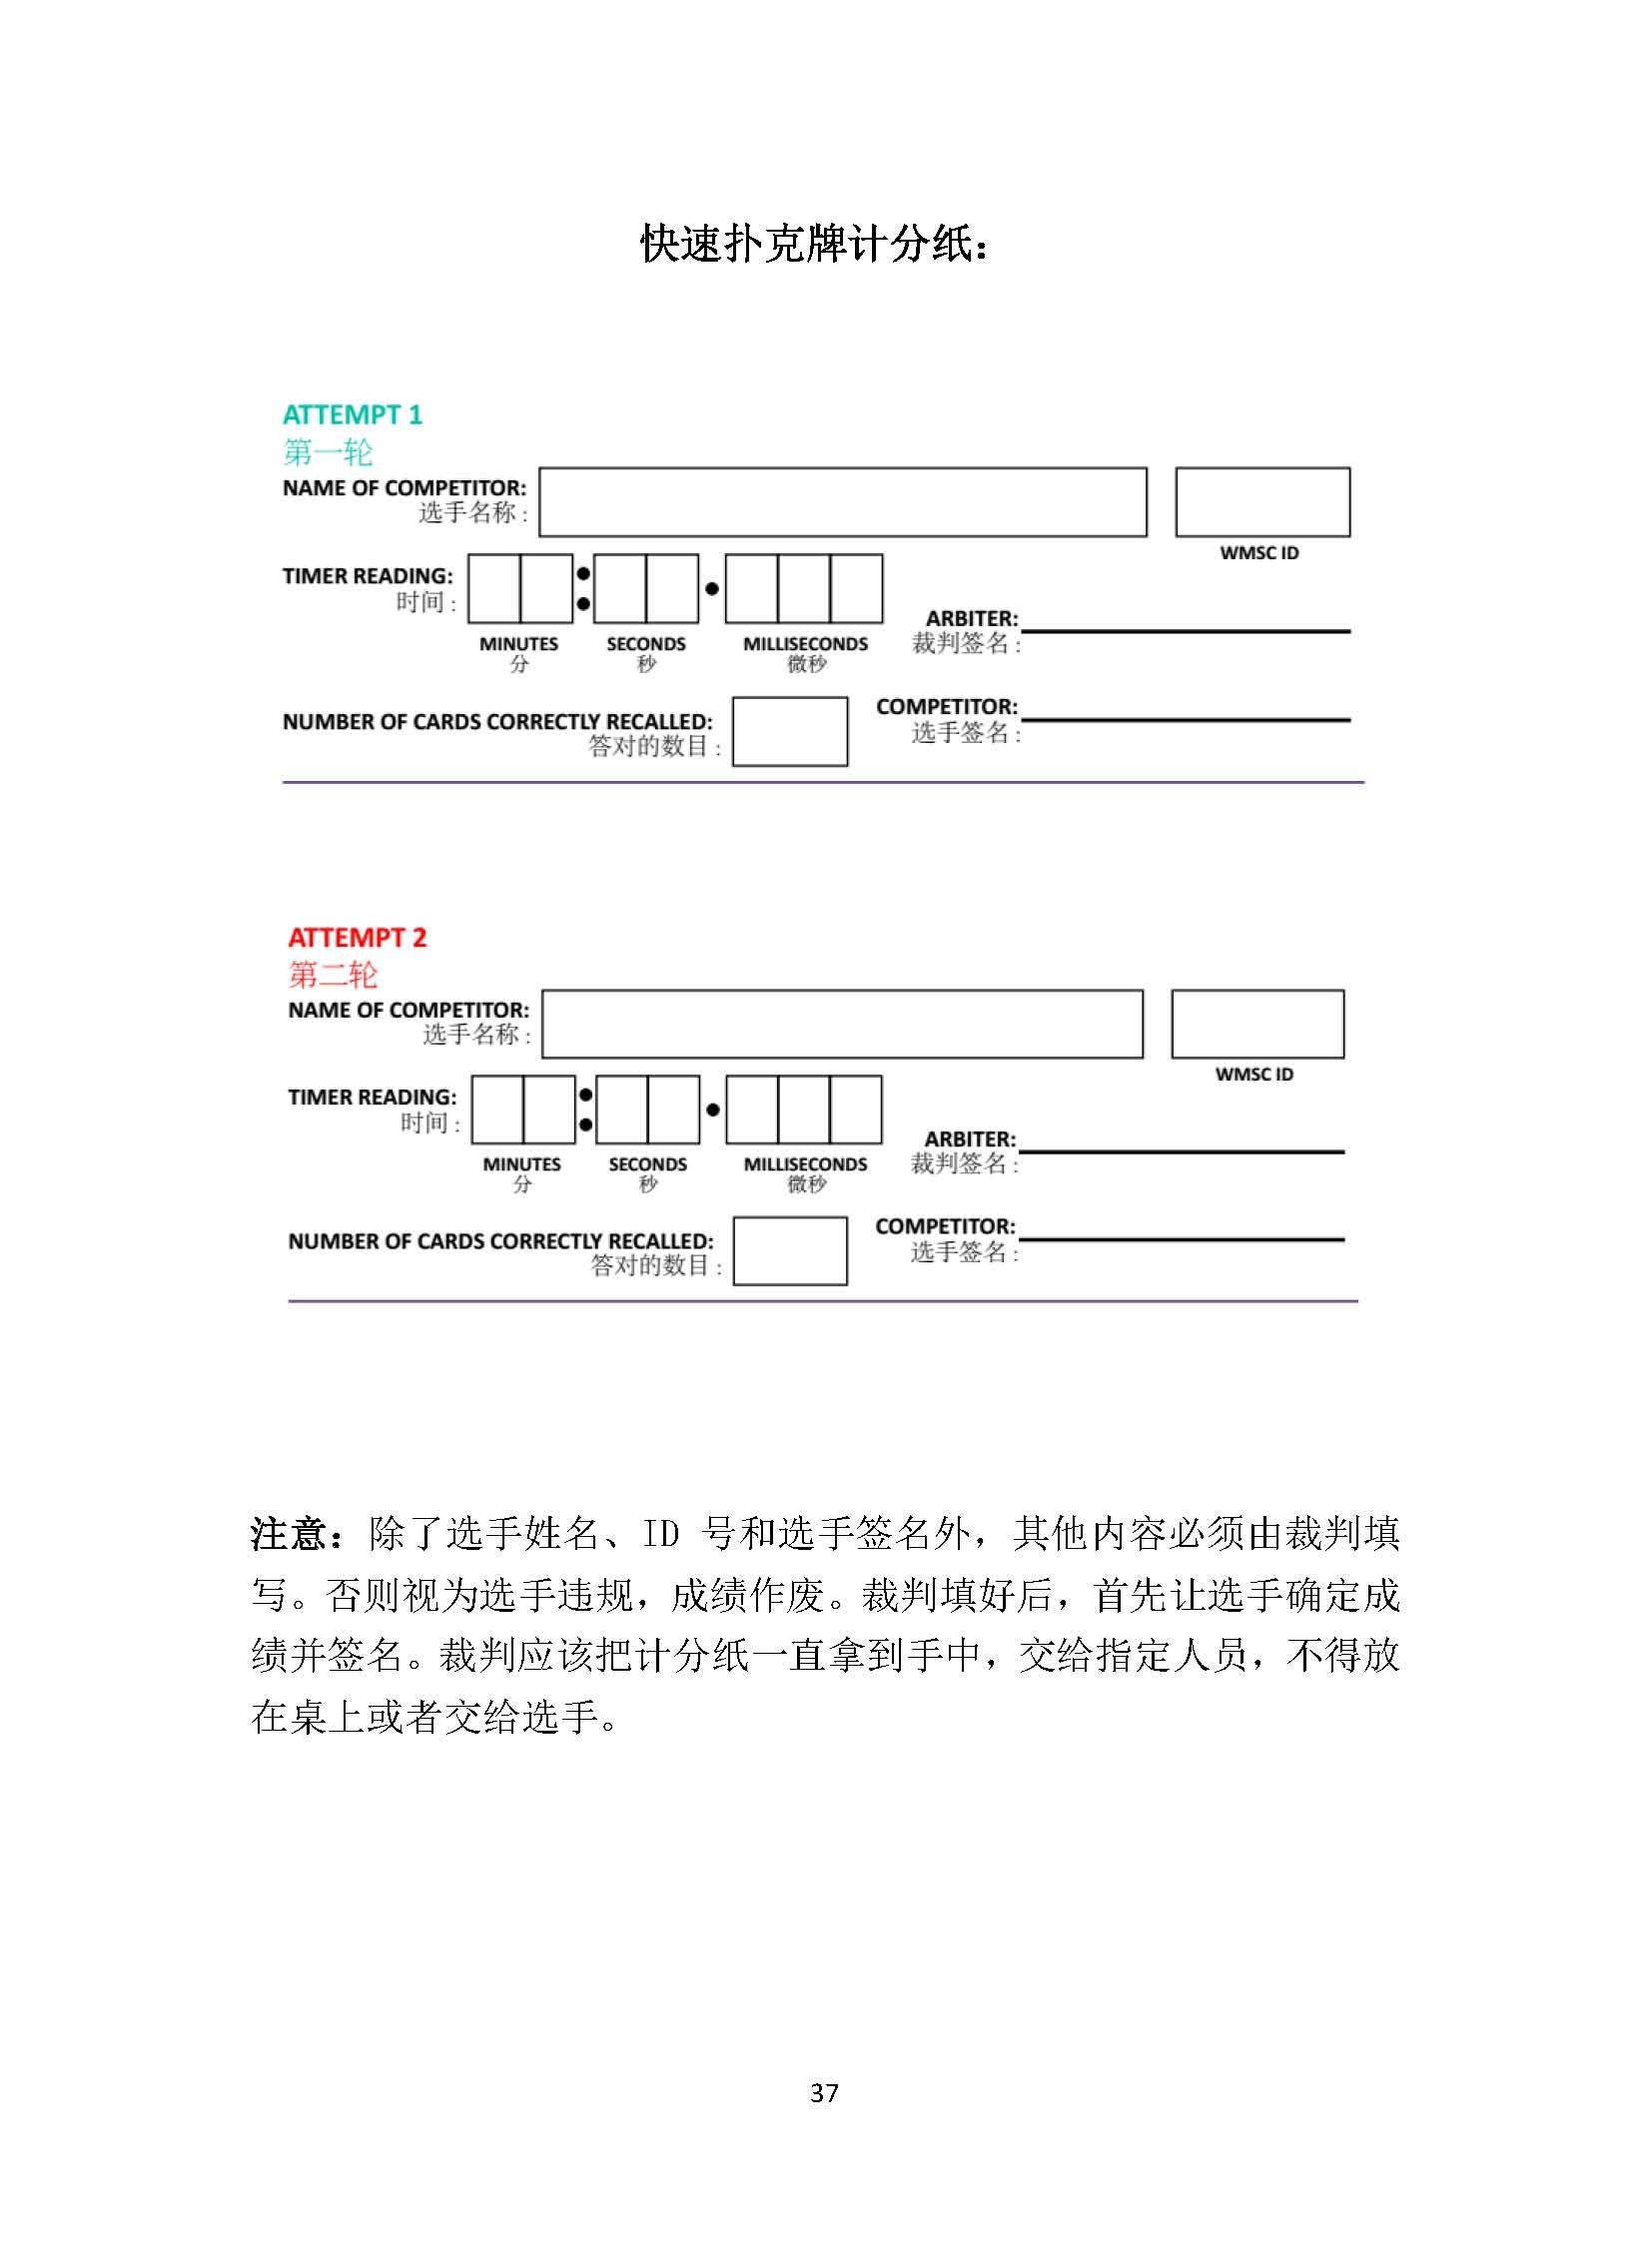 2019WMC选手训练手册-十大项目规则_页面_37